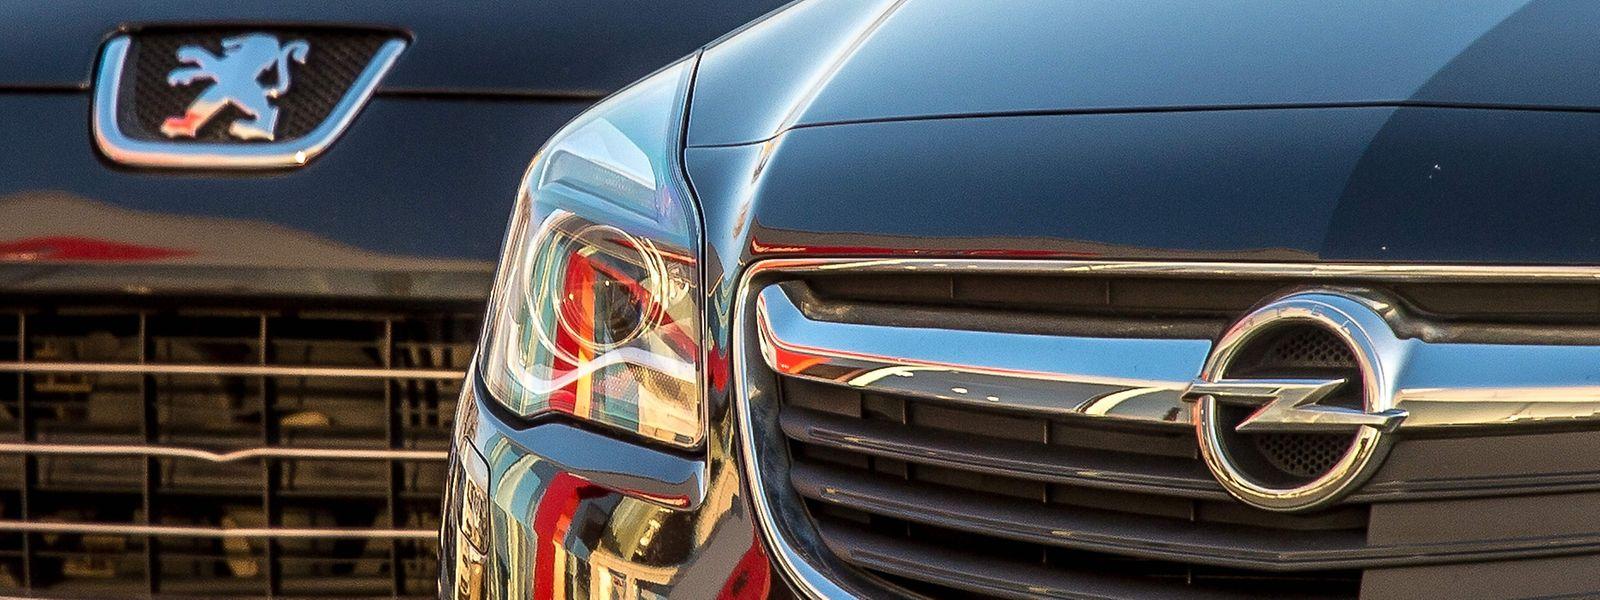 Sollen die Opel-Vertretungen reorganisiert oder möglicherweise mit den übrigen Konzernmarken Peugeot bzw. Citroën zusammengeführt werden?